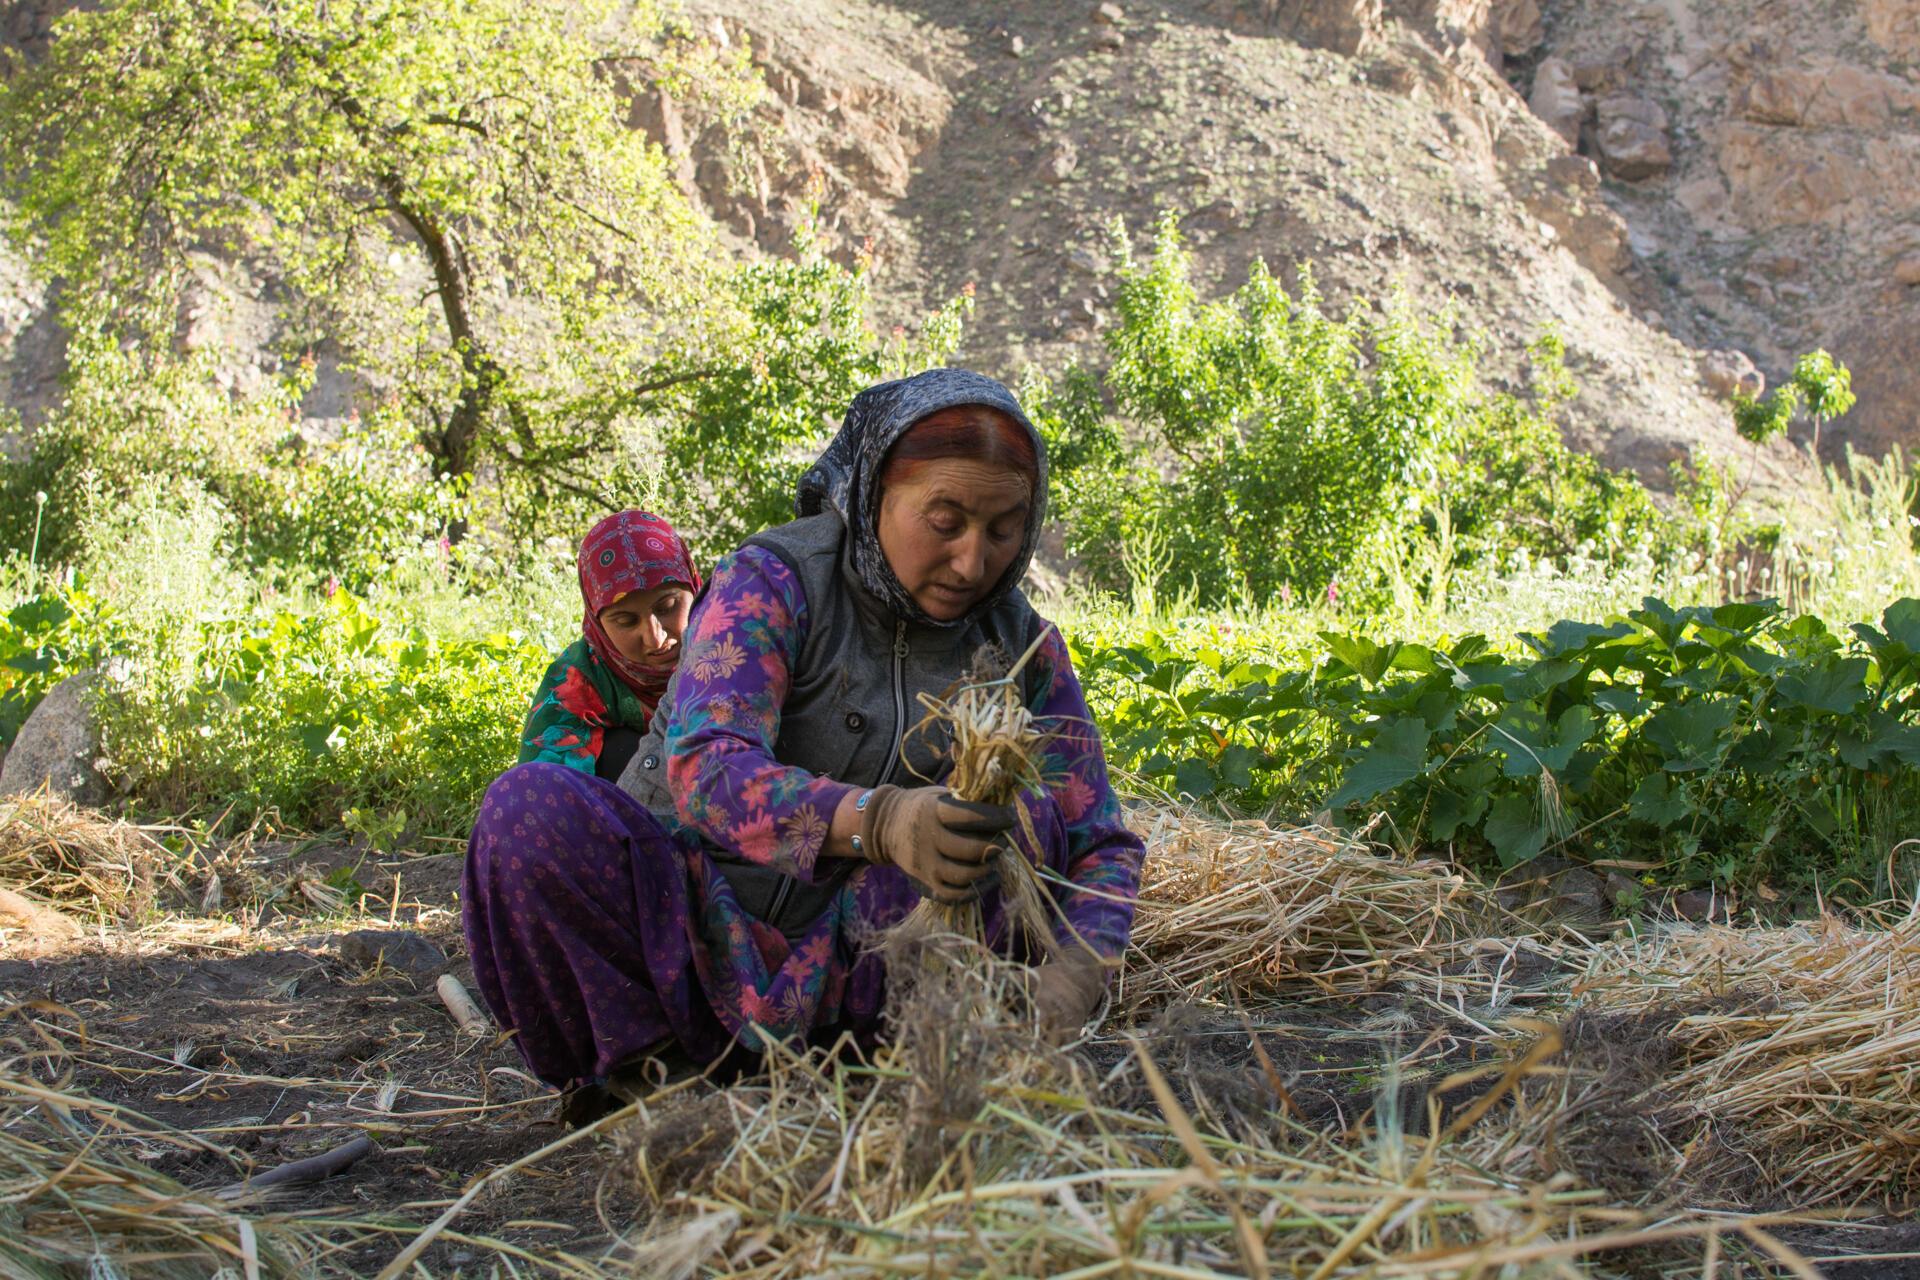 Seulement 1/3 des terres en Inde sont irriguées. Ce qui laisse les paysans dépendants de la pluie.